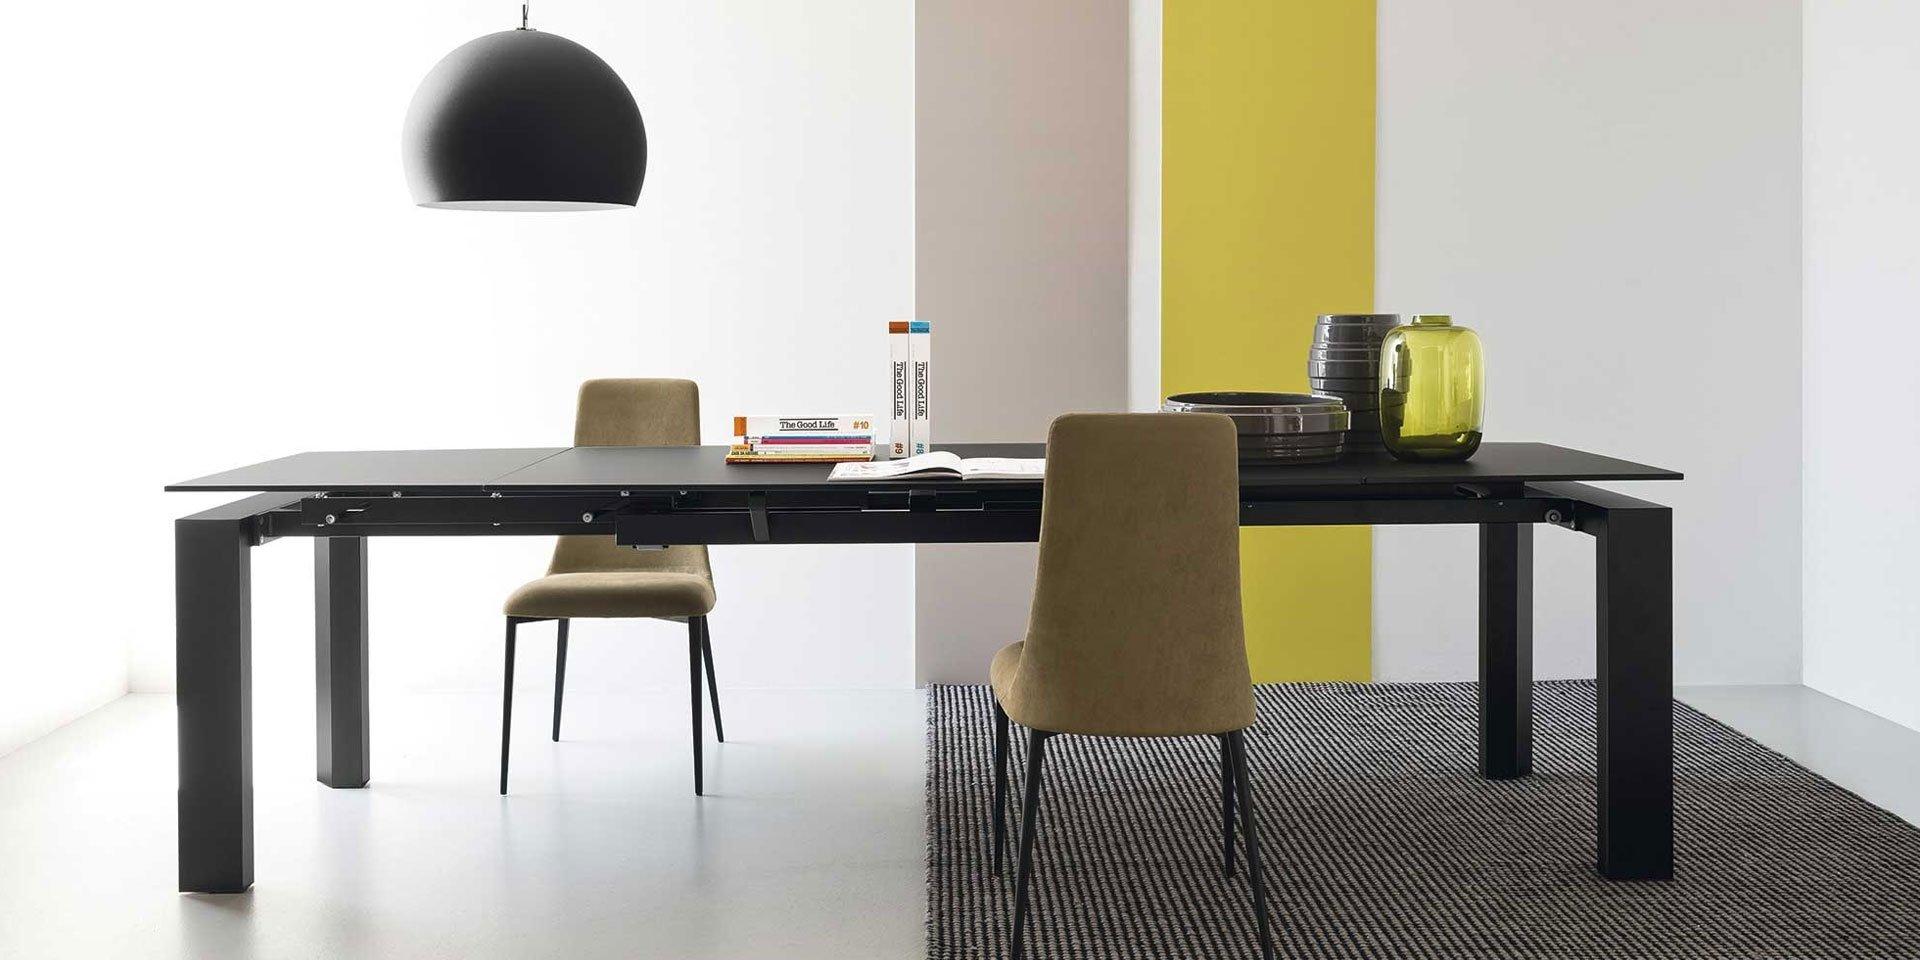 10 Unique Bright Ideas Royal Oak Mi luxury bright ideas furniture royal oak mi 98 on interior decor home 2021